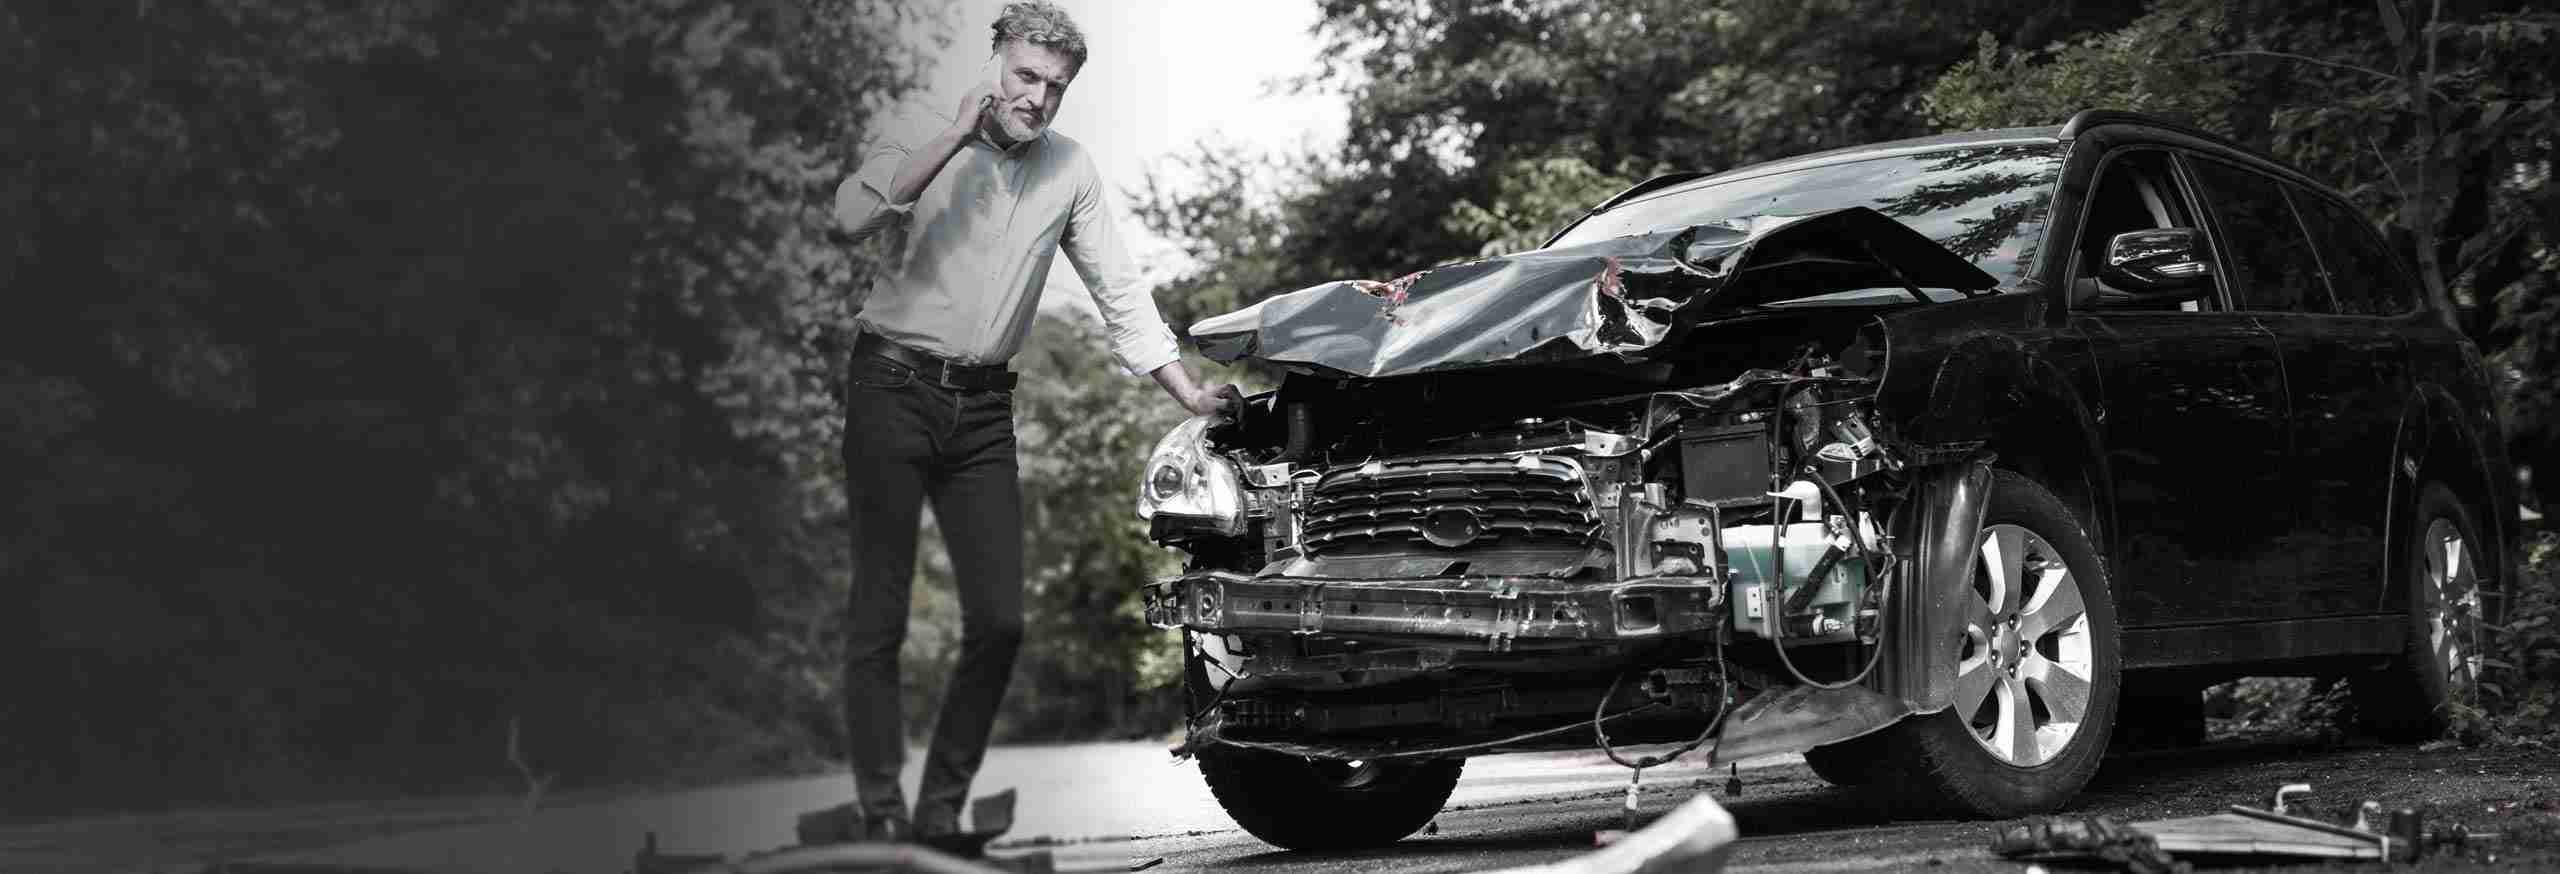 Noi compriamo auto incidentate